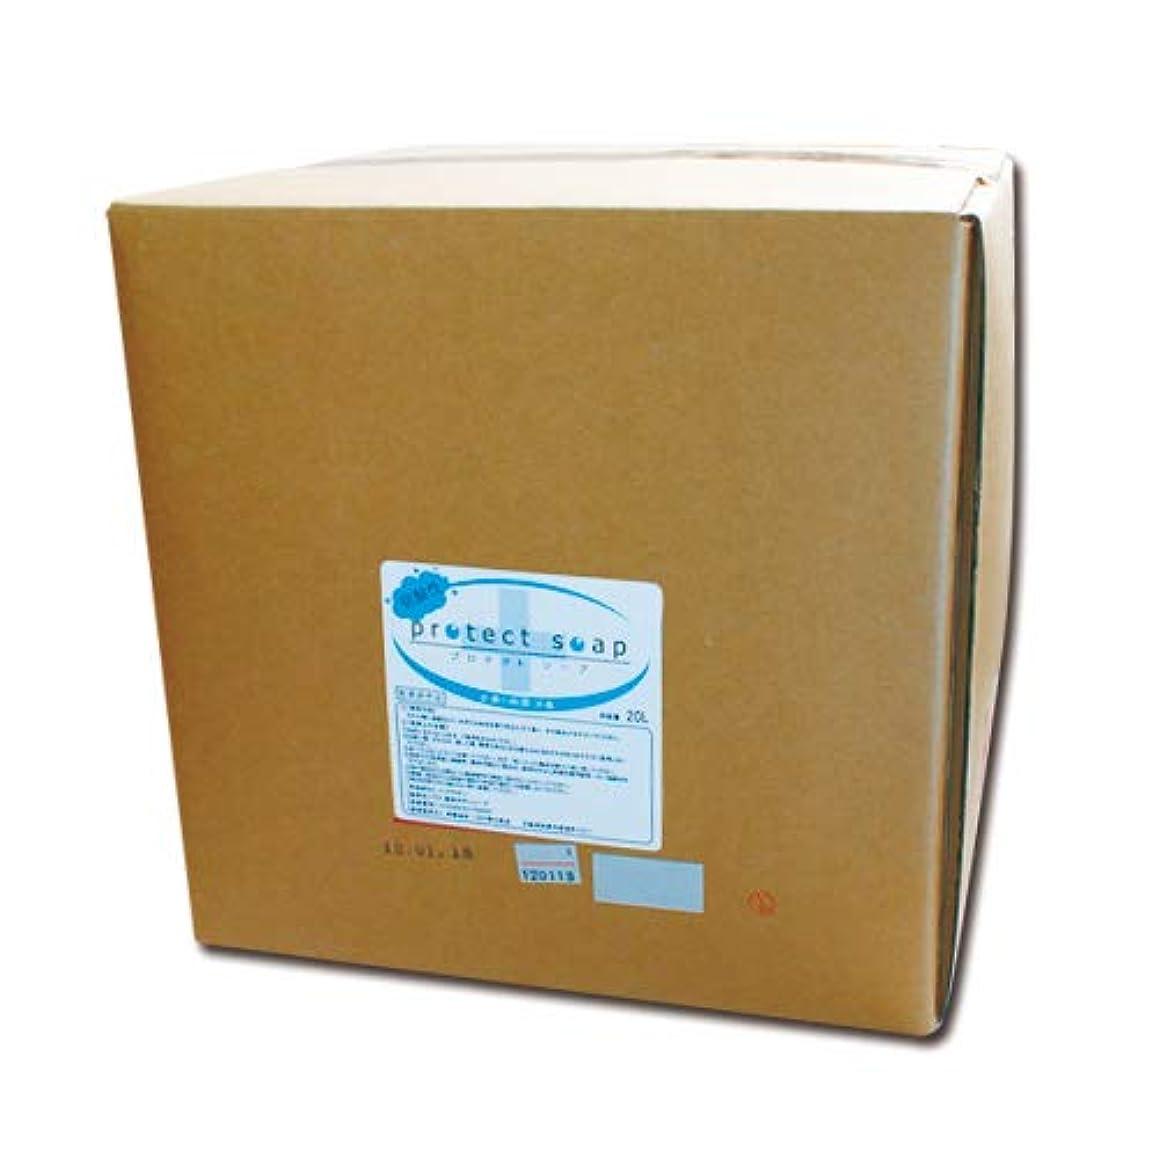 厳ネーピアシチリア低刺激弱酸性 液体石鹸 プロテクトソープ 20L 業務用